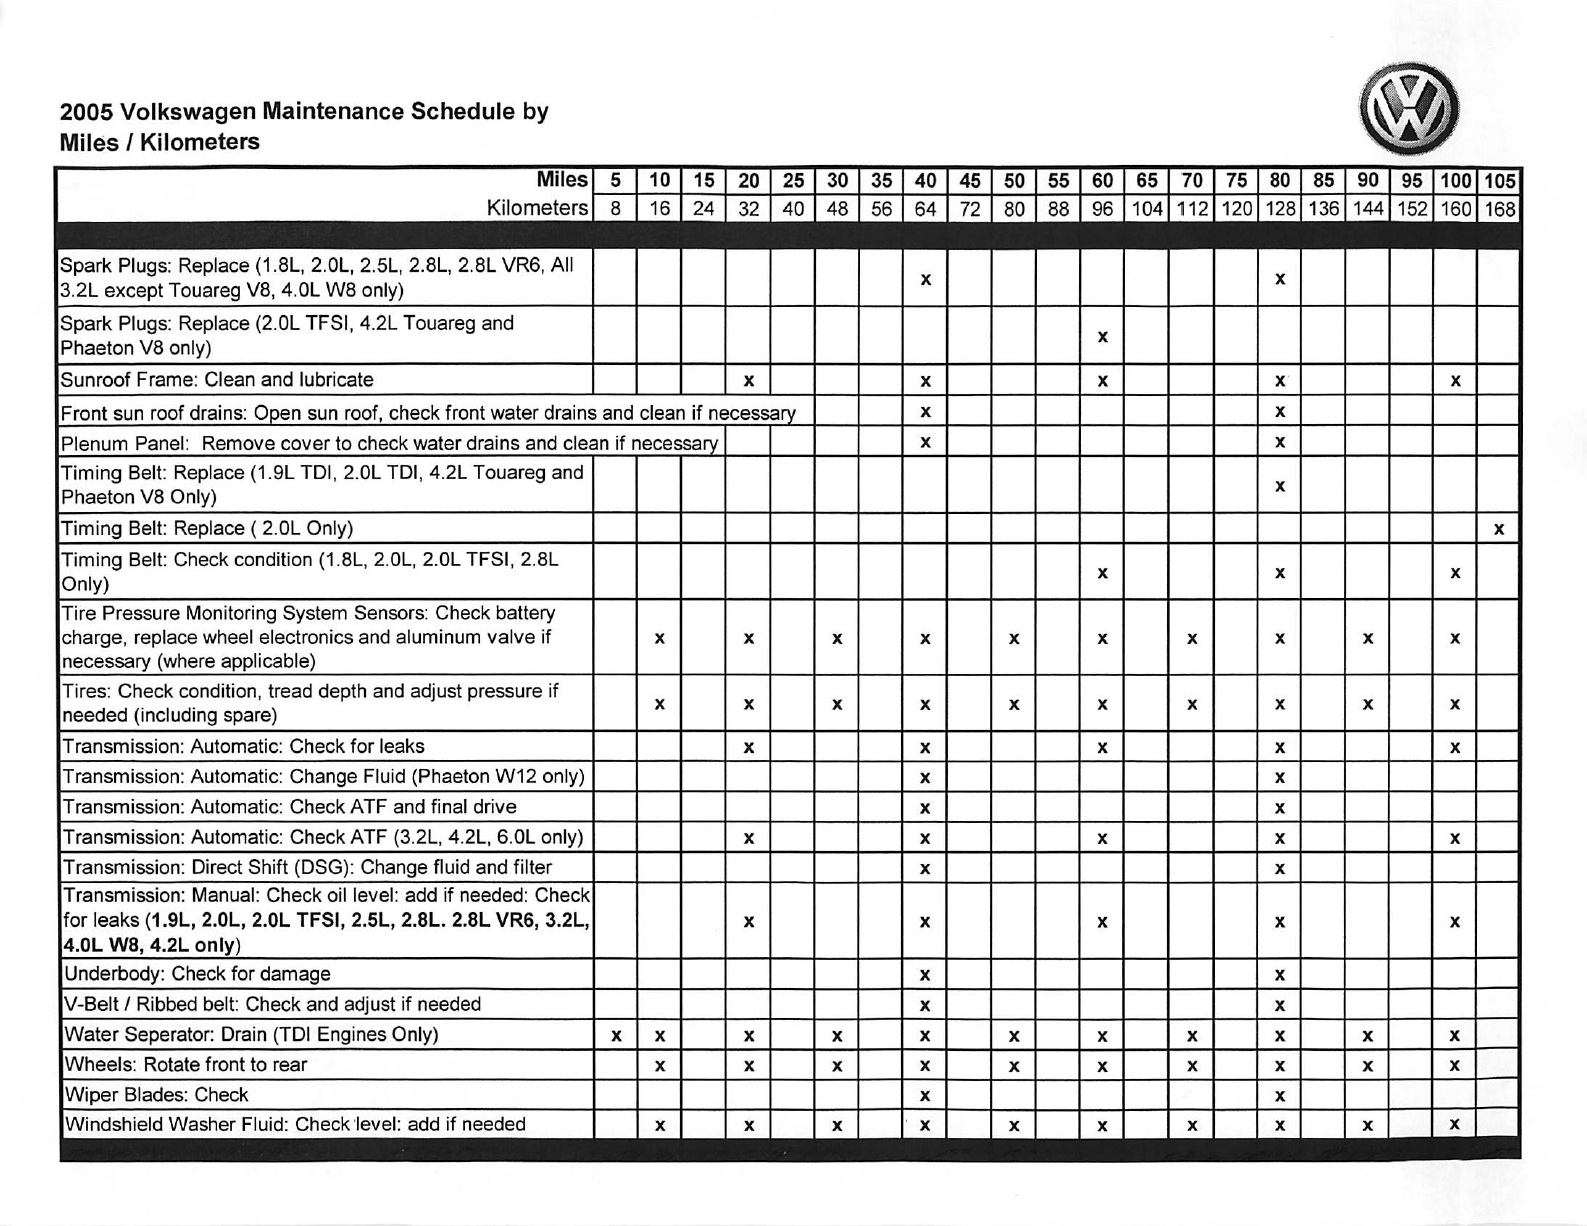 Volkswagen Maintenance Schedule 2005 Model Year